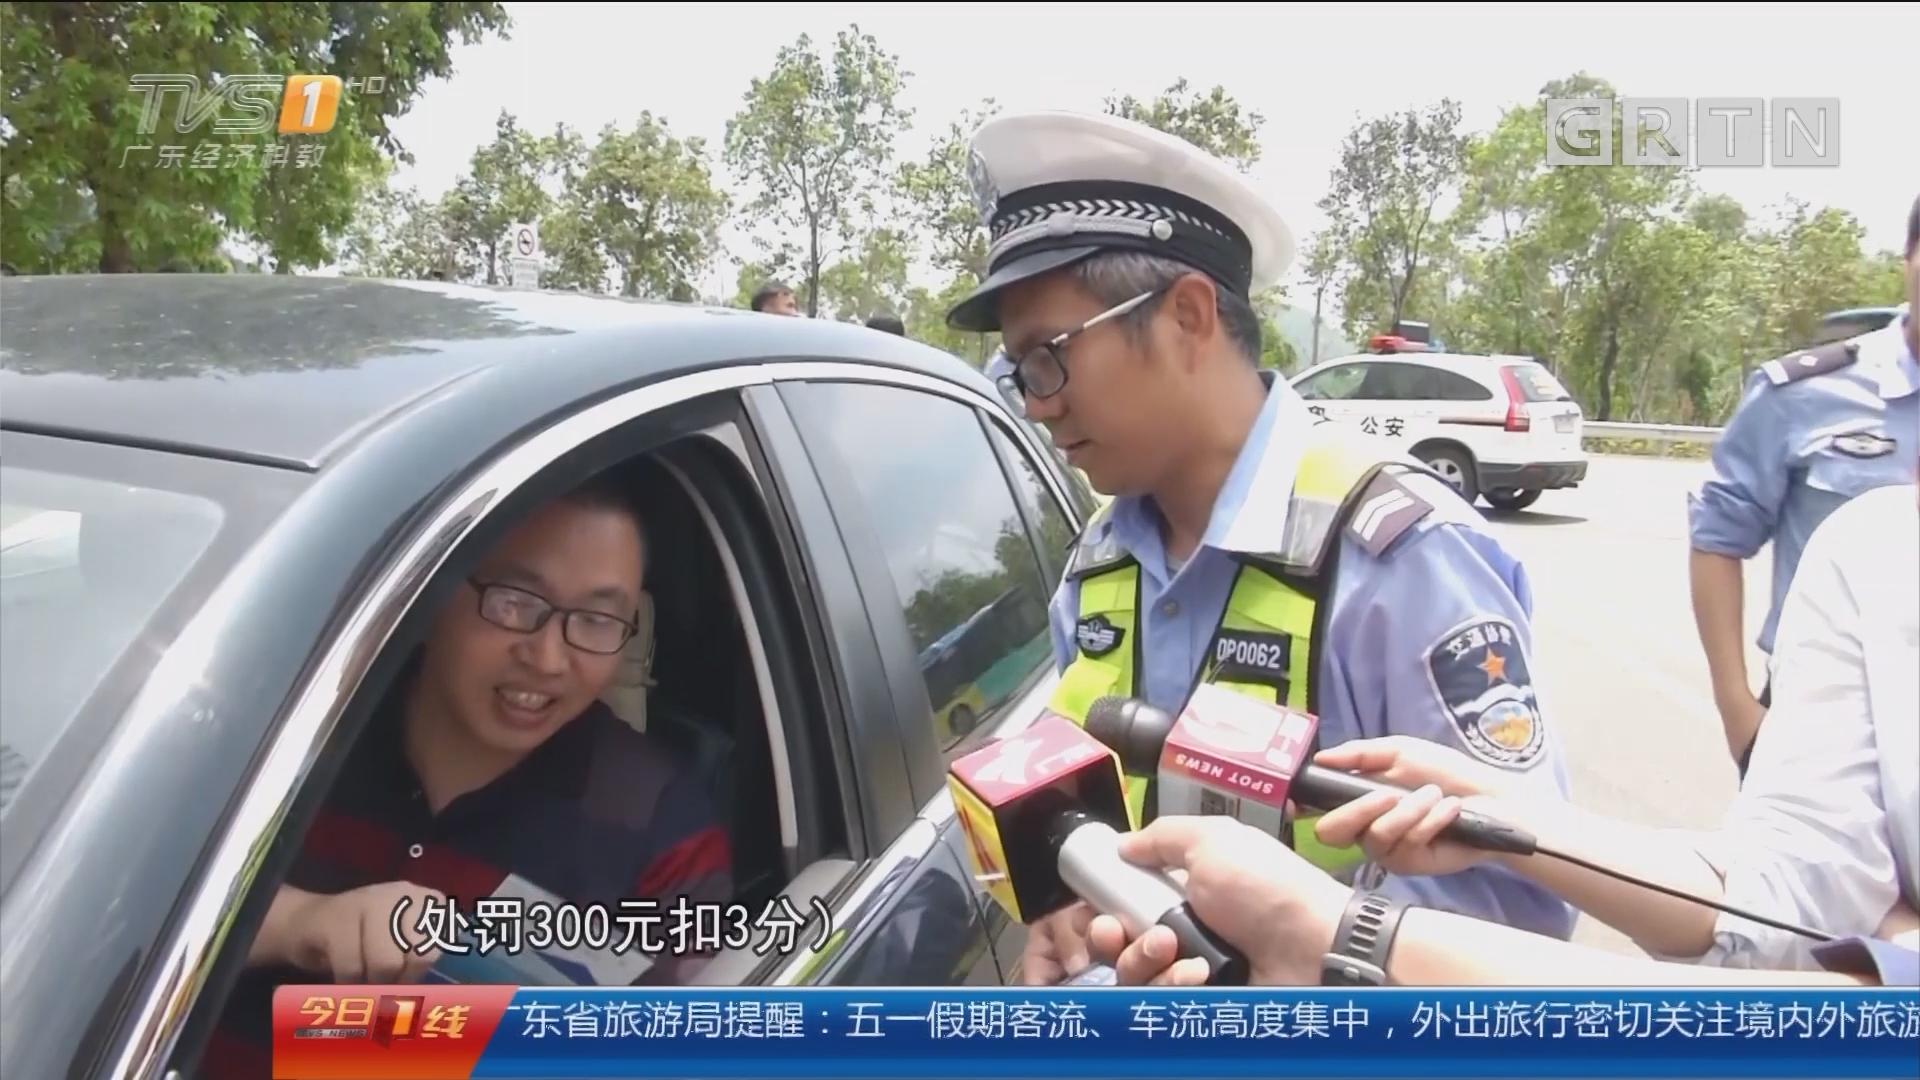 深圳大鹏:预约通行实施首日 交通秩序平稳有序